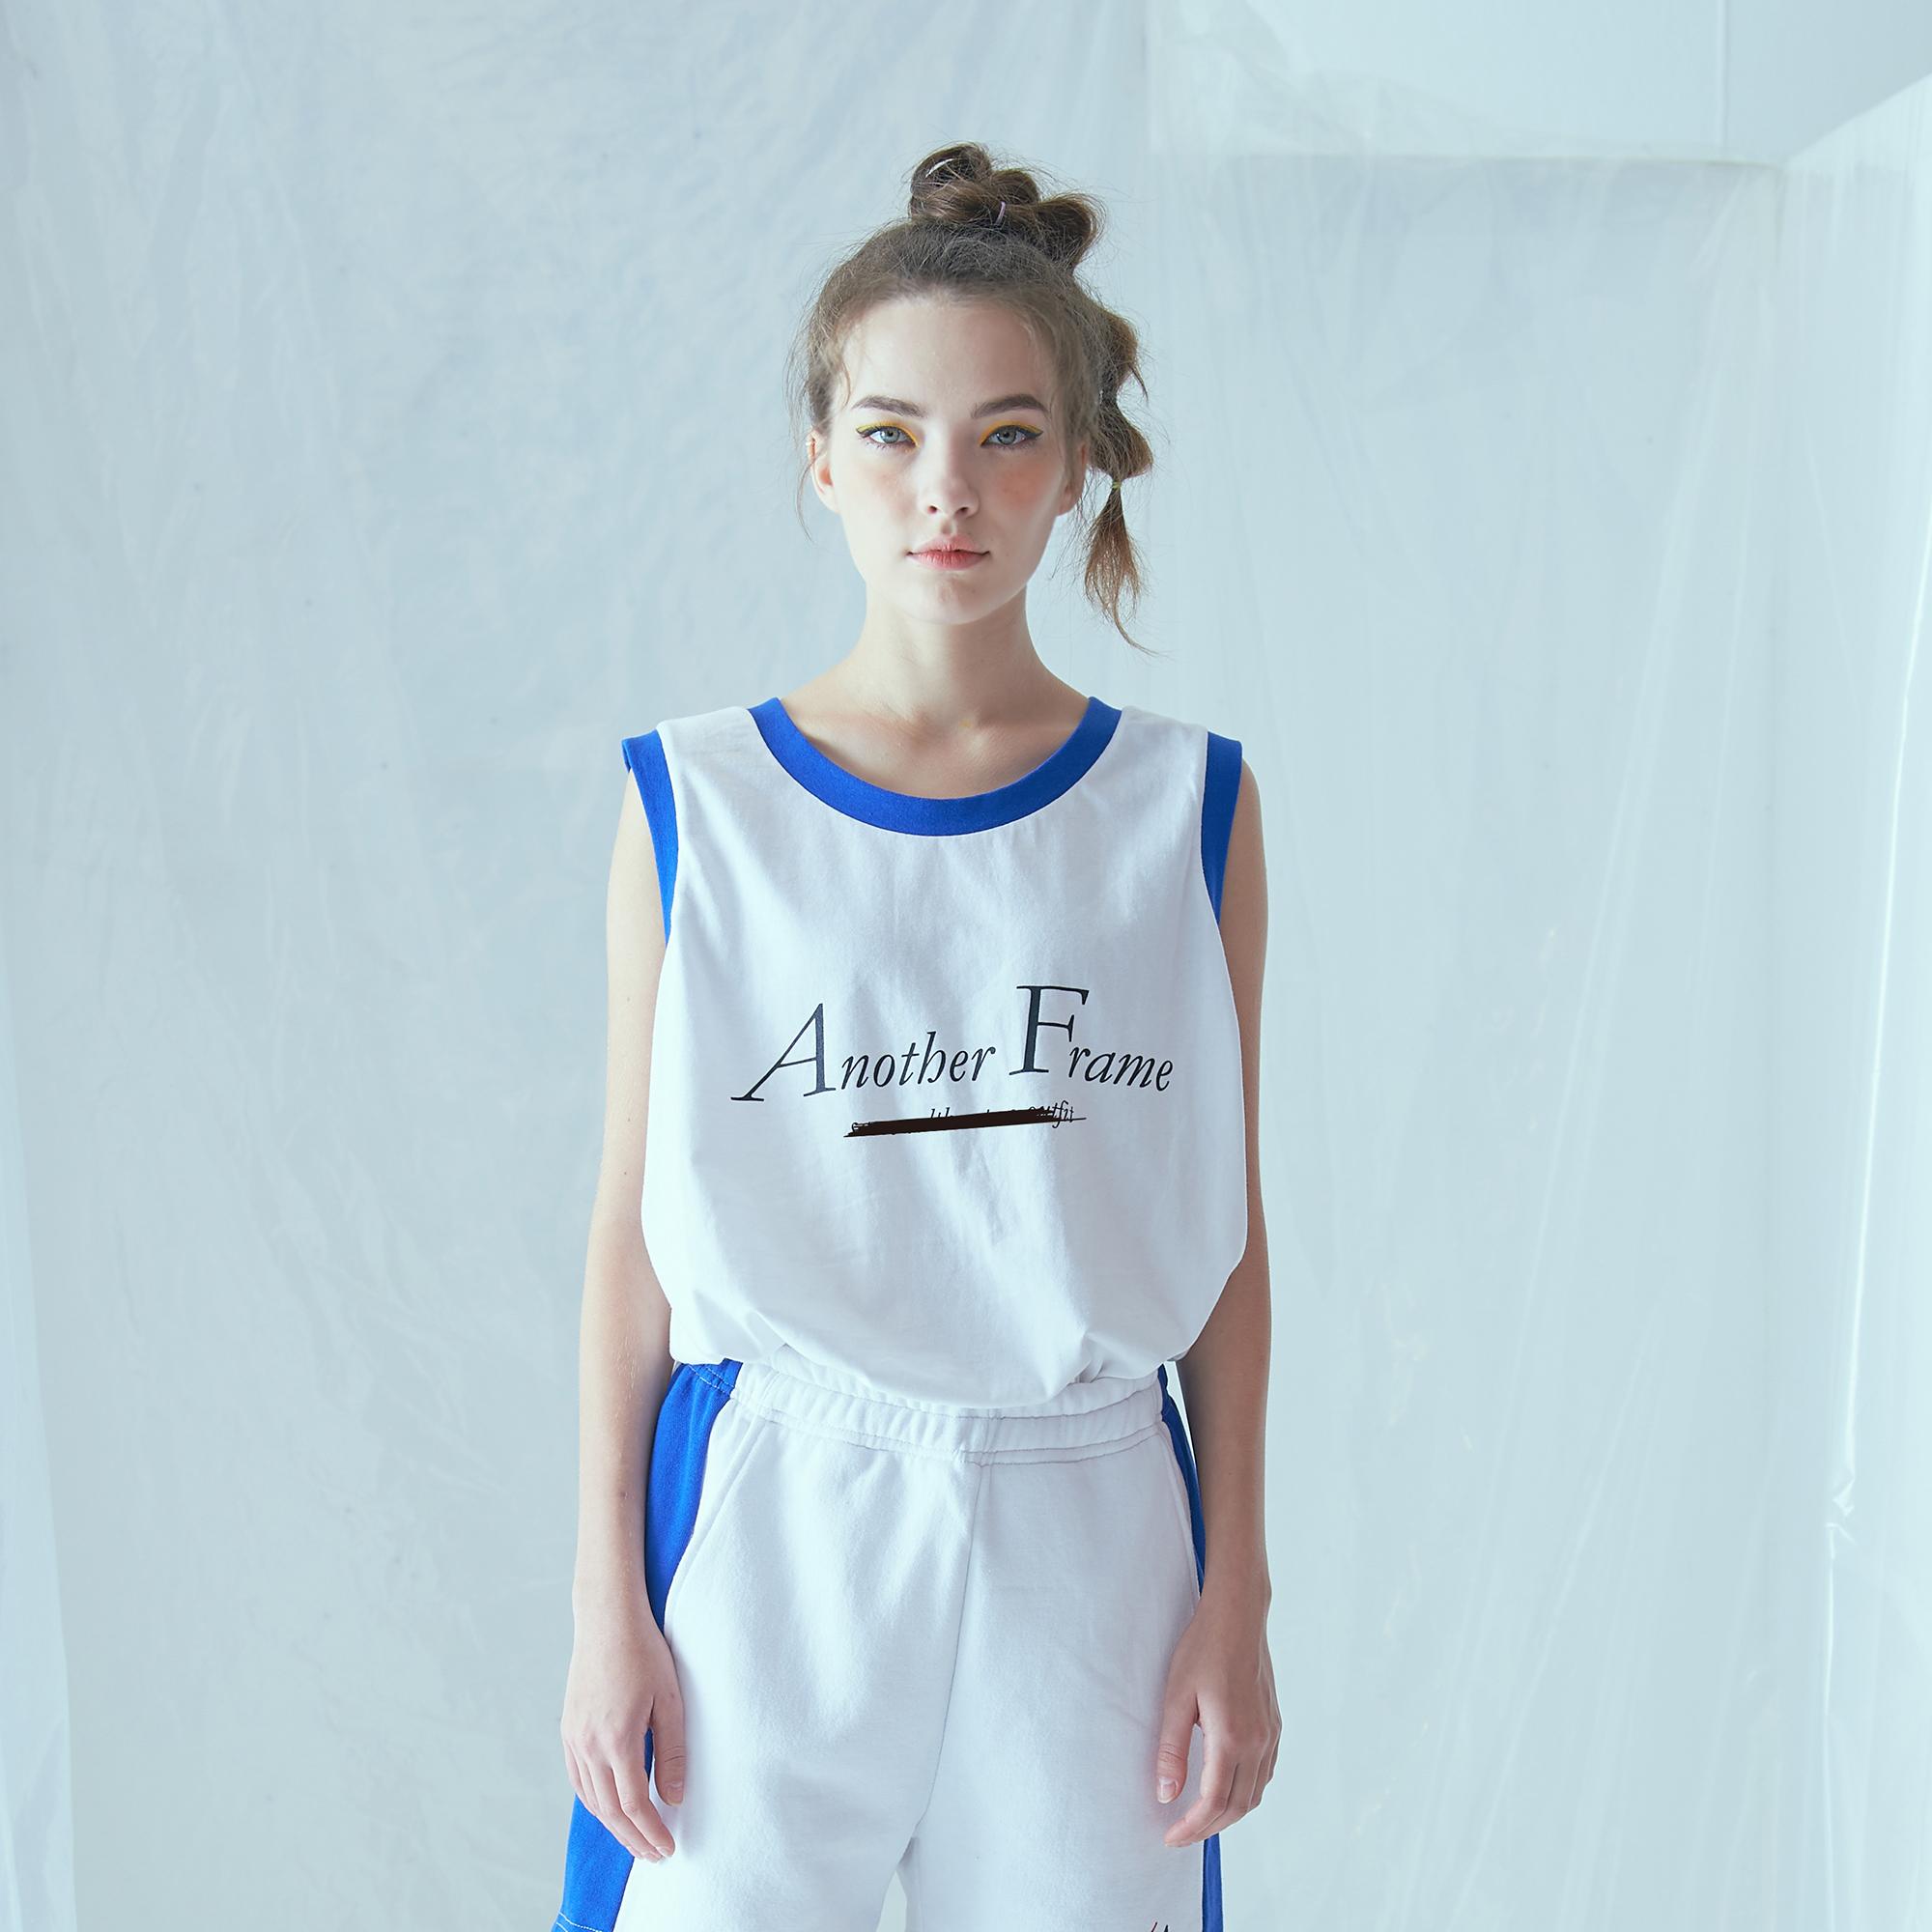 [어나더프레임] BASIC LOGO POCKET SLEEVELESS (WHITE) 나시 나시티 티셔츠